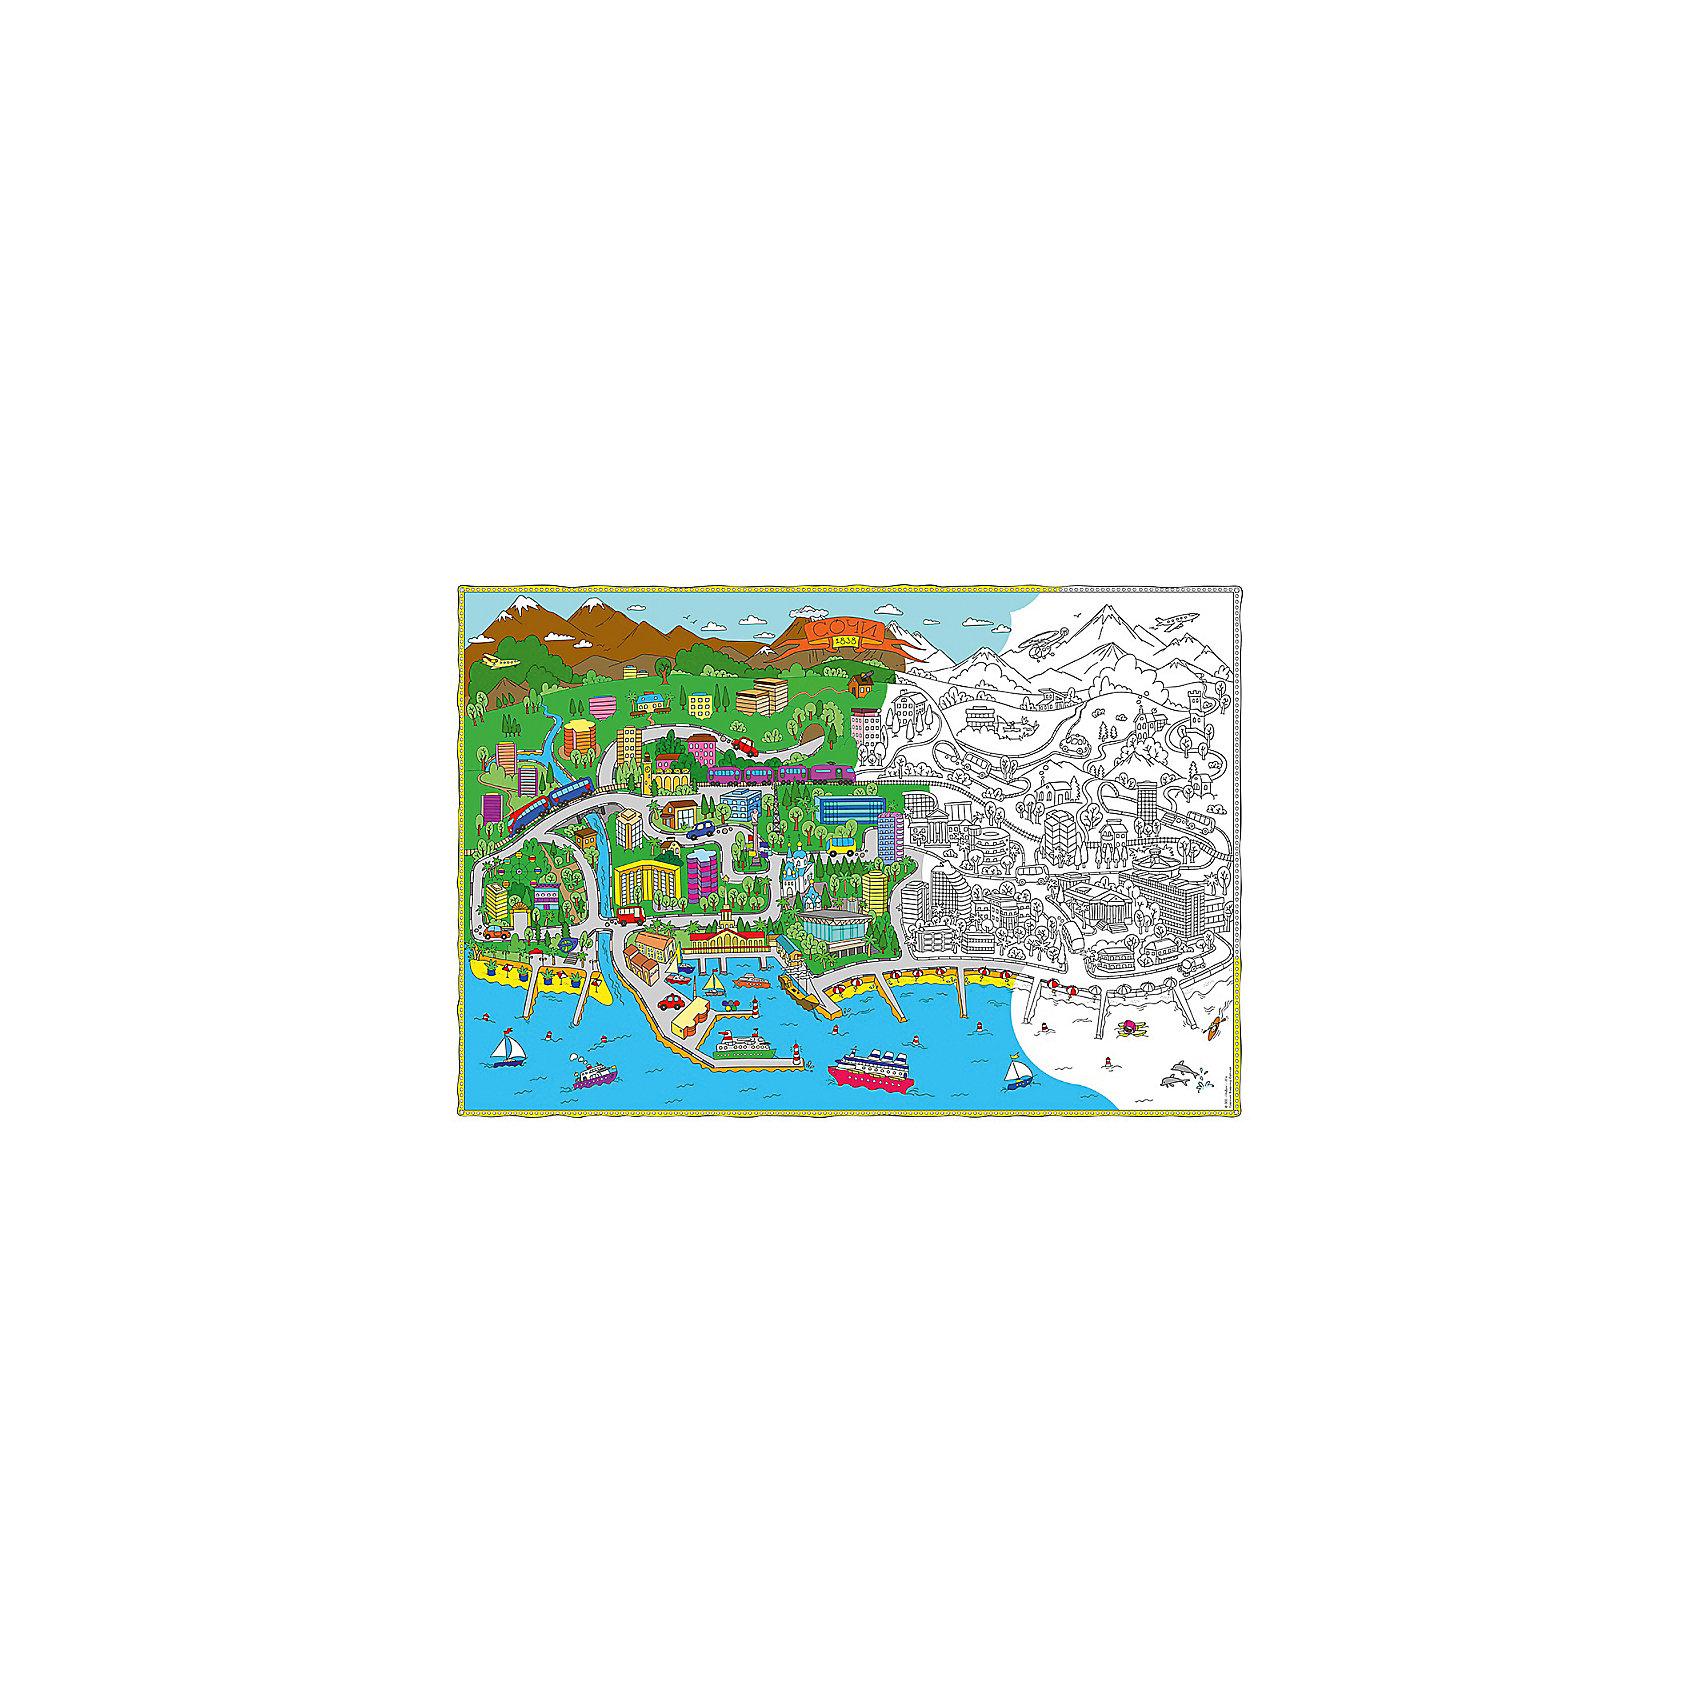 Карта-Раскраска Сочи 101*69 смРисование<br>Карта-Раскраска Сочи 101*69 см.<br><br>Характеристики:<br><br>• В набор входит: раскраска в коробке<br>• Размер раскраски: 101 * 69 см.<br>• Состав: бумага, картон<br>• Вес: 110 г.<br>• Для детей в возрасте: от 6 до 12 лет<br>• Страна производитель: Россия<br><br>Благодаря значительному разнообразию строений, растительности и транспорта ребёнок может полностью использовать своё воображение и подбирать цвета как ему будет угодно. Особенно интересно будет раскрашивать картинки карандашами или фломастерами с большим количеством оттенков, хотя, как показано на образце, можно и ограничиться стандартным набором из 12ти цветов. Играя с раскрасками дети развивают моторику рук и готовят руку к письму, развивая творческие способности, учась подбирать цветовую гамму. Дети запоминают формы, учатся как правильно рисовать те или иные вещи, улучшают внимание и концентрацию.<br><br>Карту-Раскраску Сочи 101*69 см. можно купить в нашем интернет-магазине.<br><br>Ширина мм: 1010<br>Глубина мм: 690<br>Высота мм: 1<br>Вес г: 110<br>Возраст от месяцев: 72<br>Возраст до месяцев: 108<br>Пол: Унисекс<br>Возраст: Детский<br>SKU: 5423011